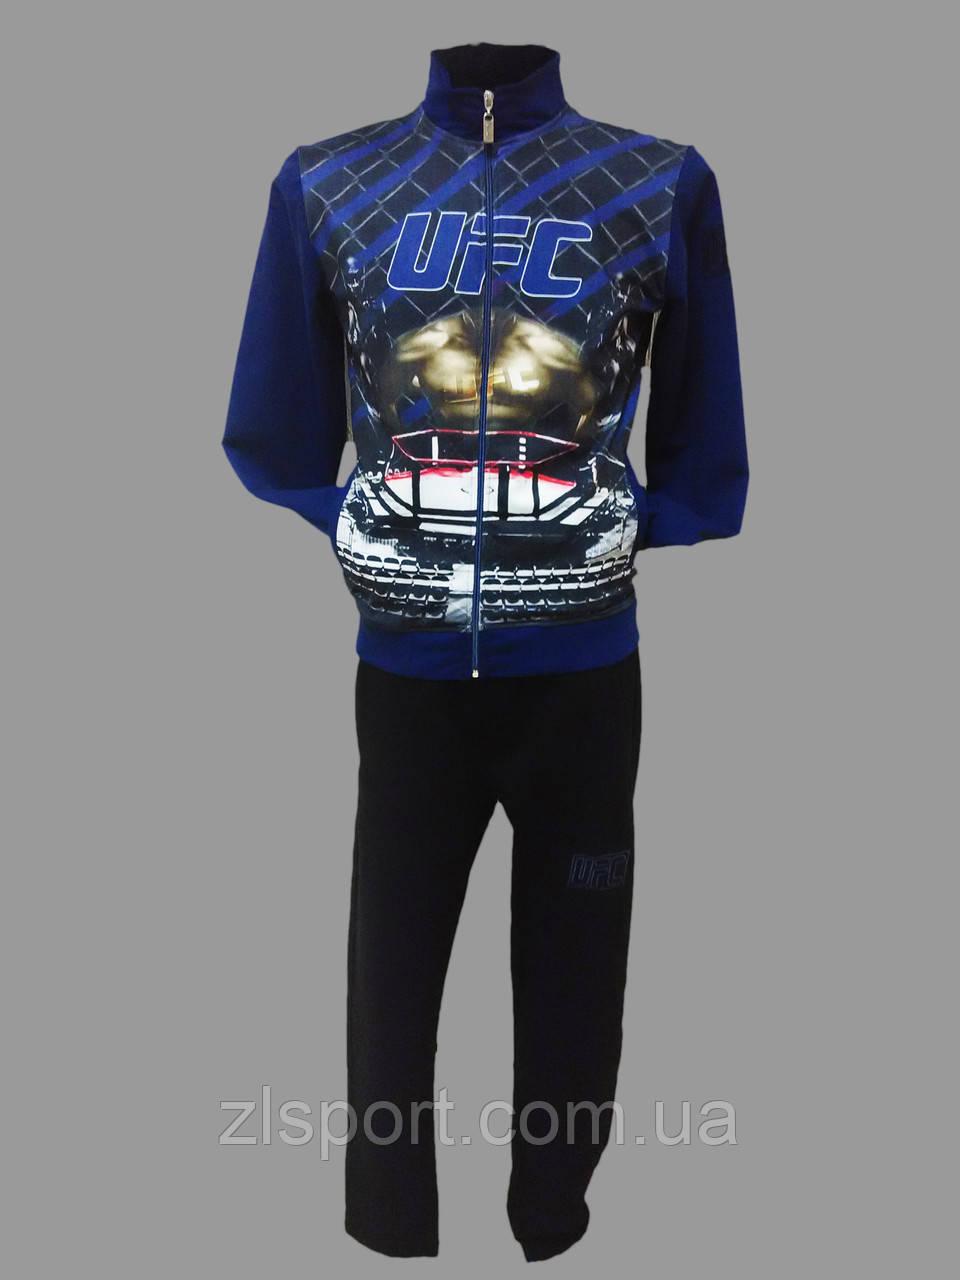 9399ab3e Мужской спортивный костюм UFC Турция - Интернет магазин спортивной одежды